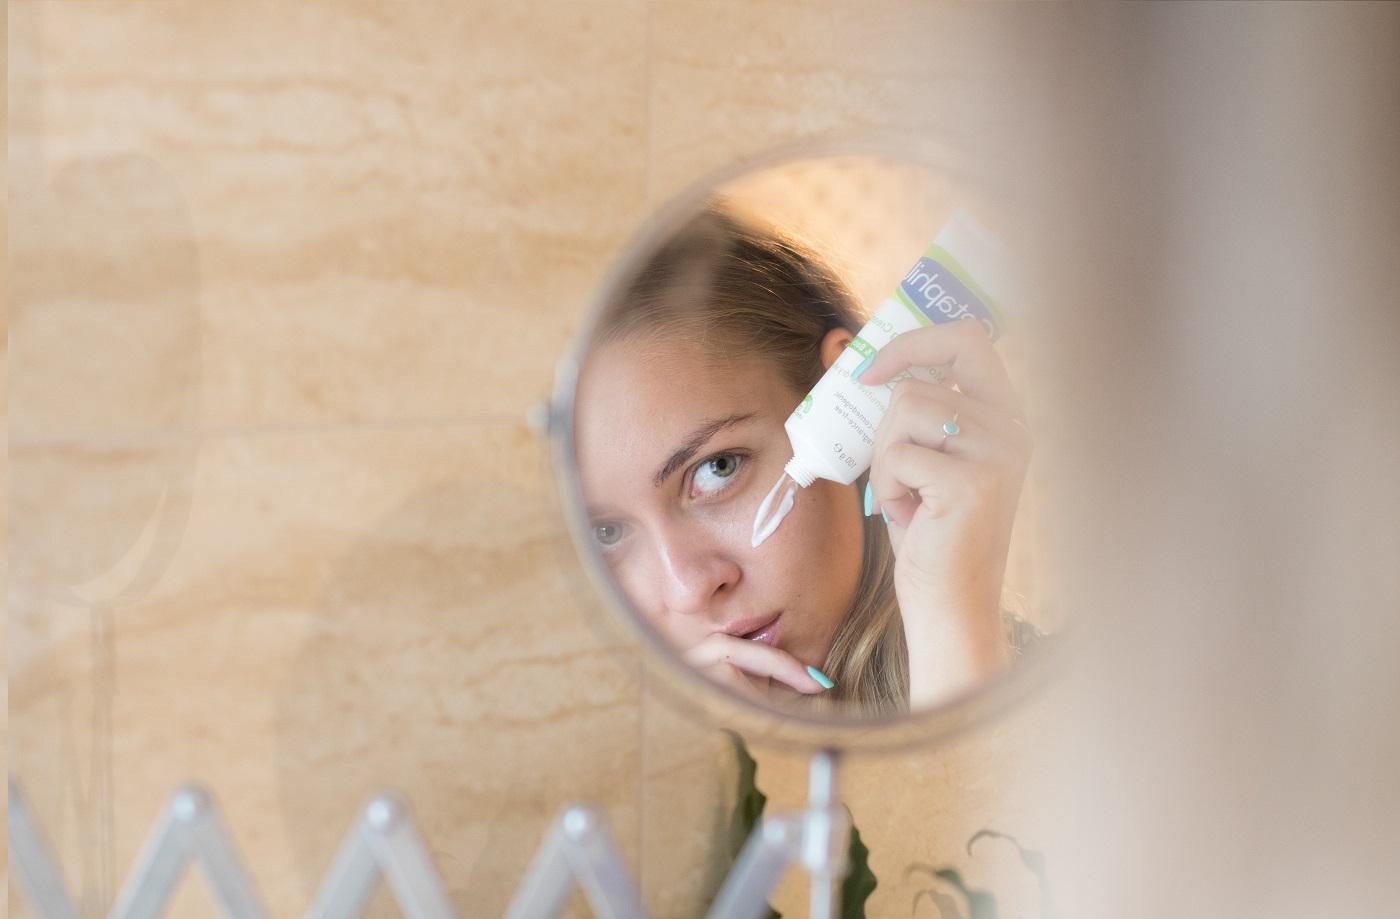 kezdeti stádiumú pikkelysömör otthoni kezelés)